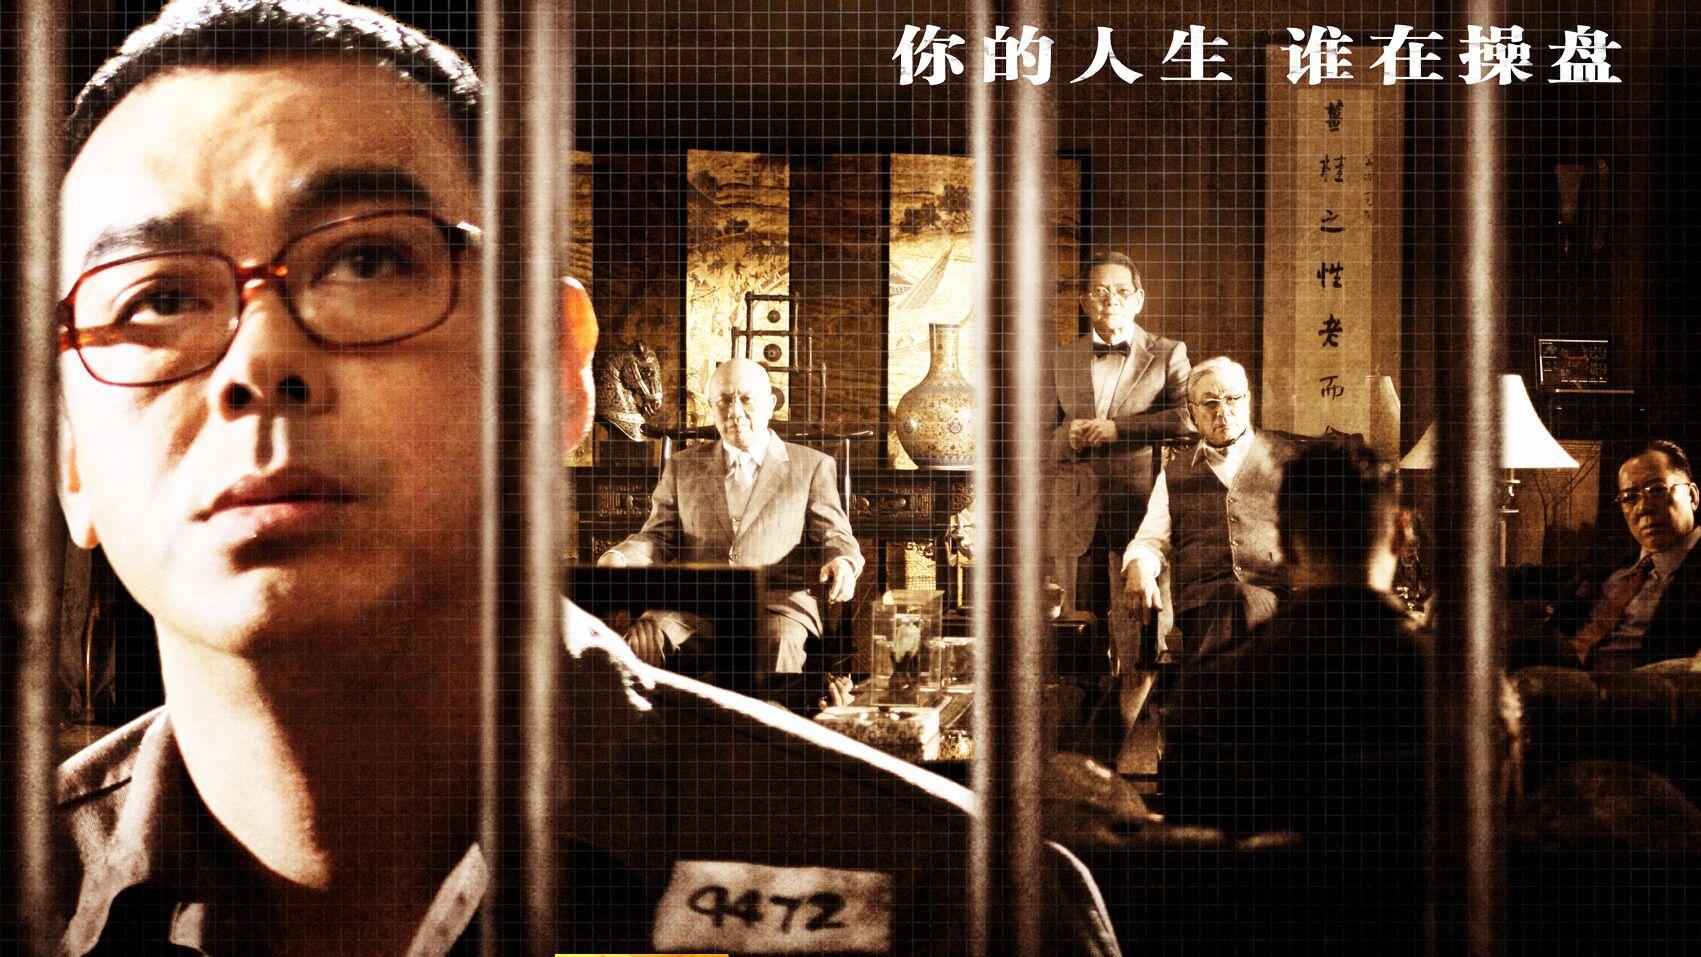 香港顶级隐形富豪曾打跑外国资本家,如今却比他们还坏-经典港片《窃听风云2》